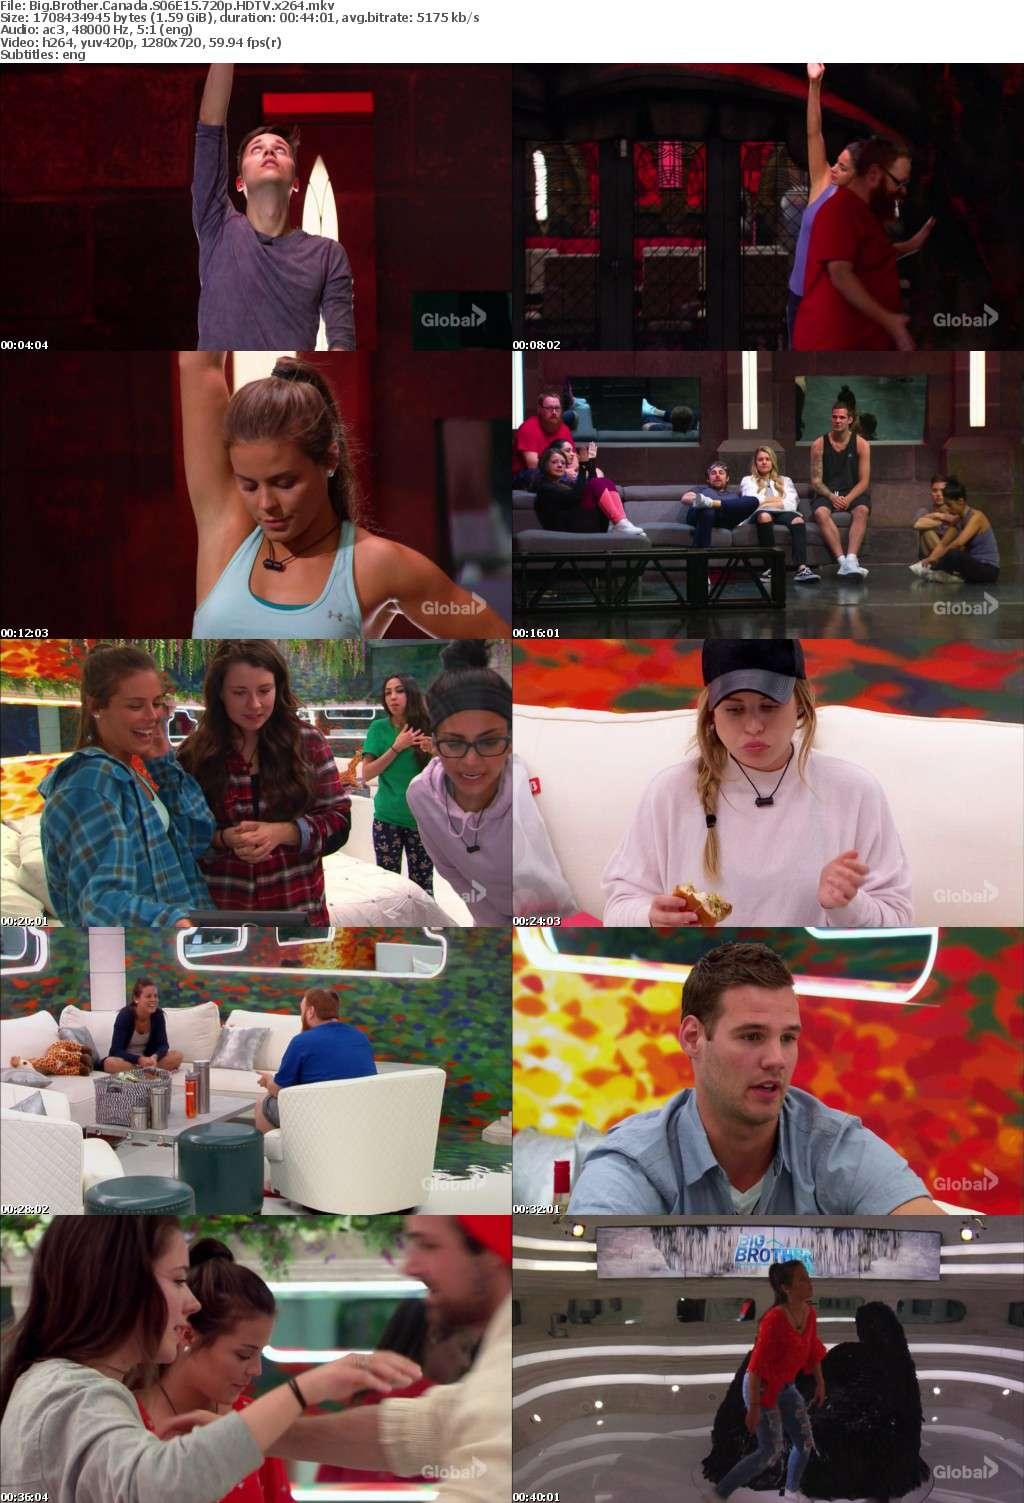 Big Brother Canada S06E15 720p HDTV x264